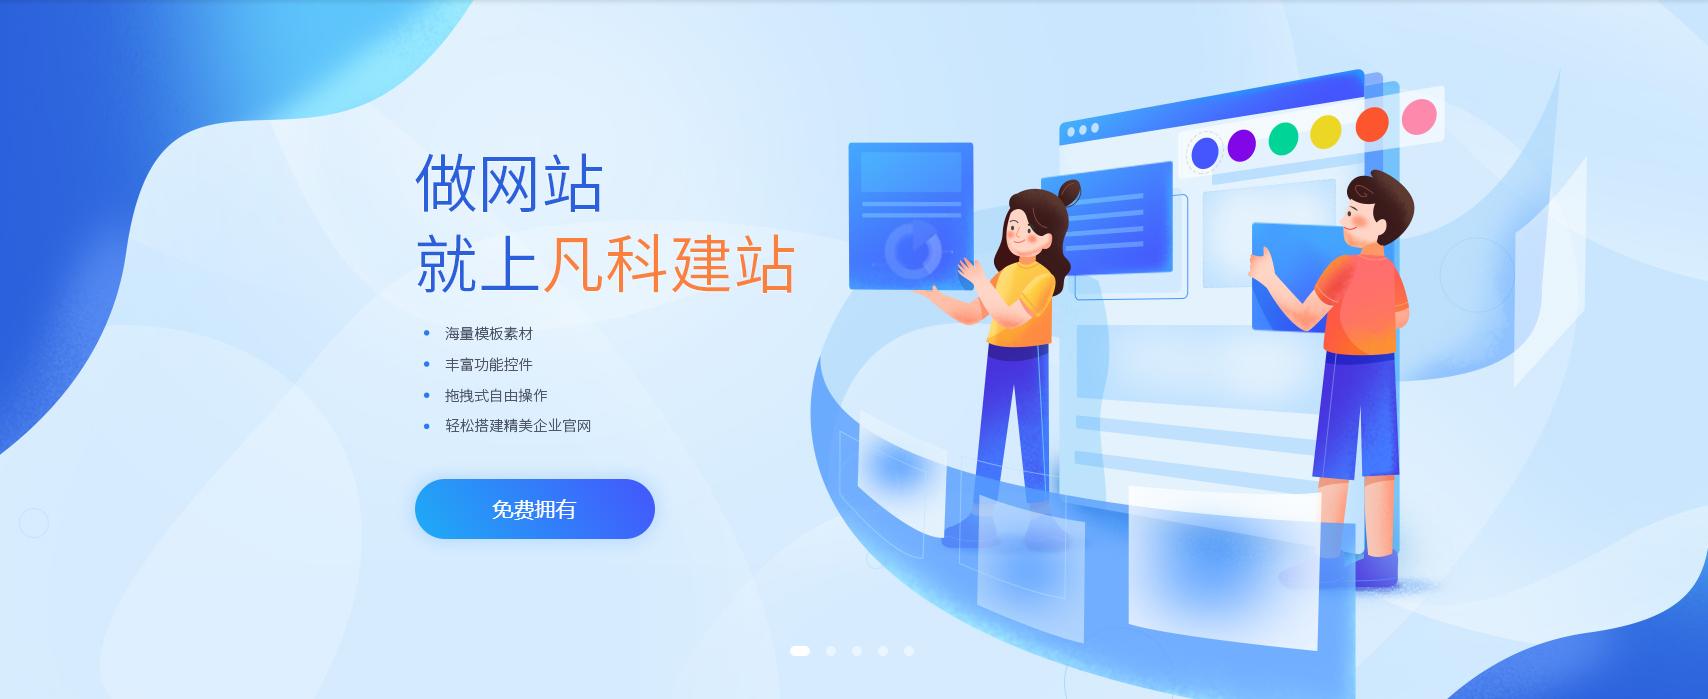 网站注册可得免费网站模板